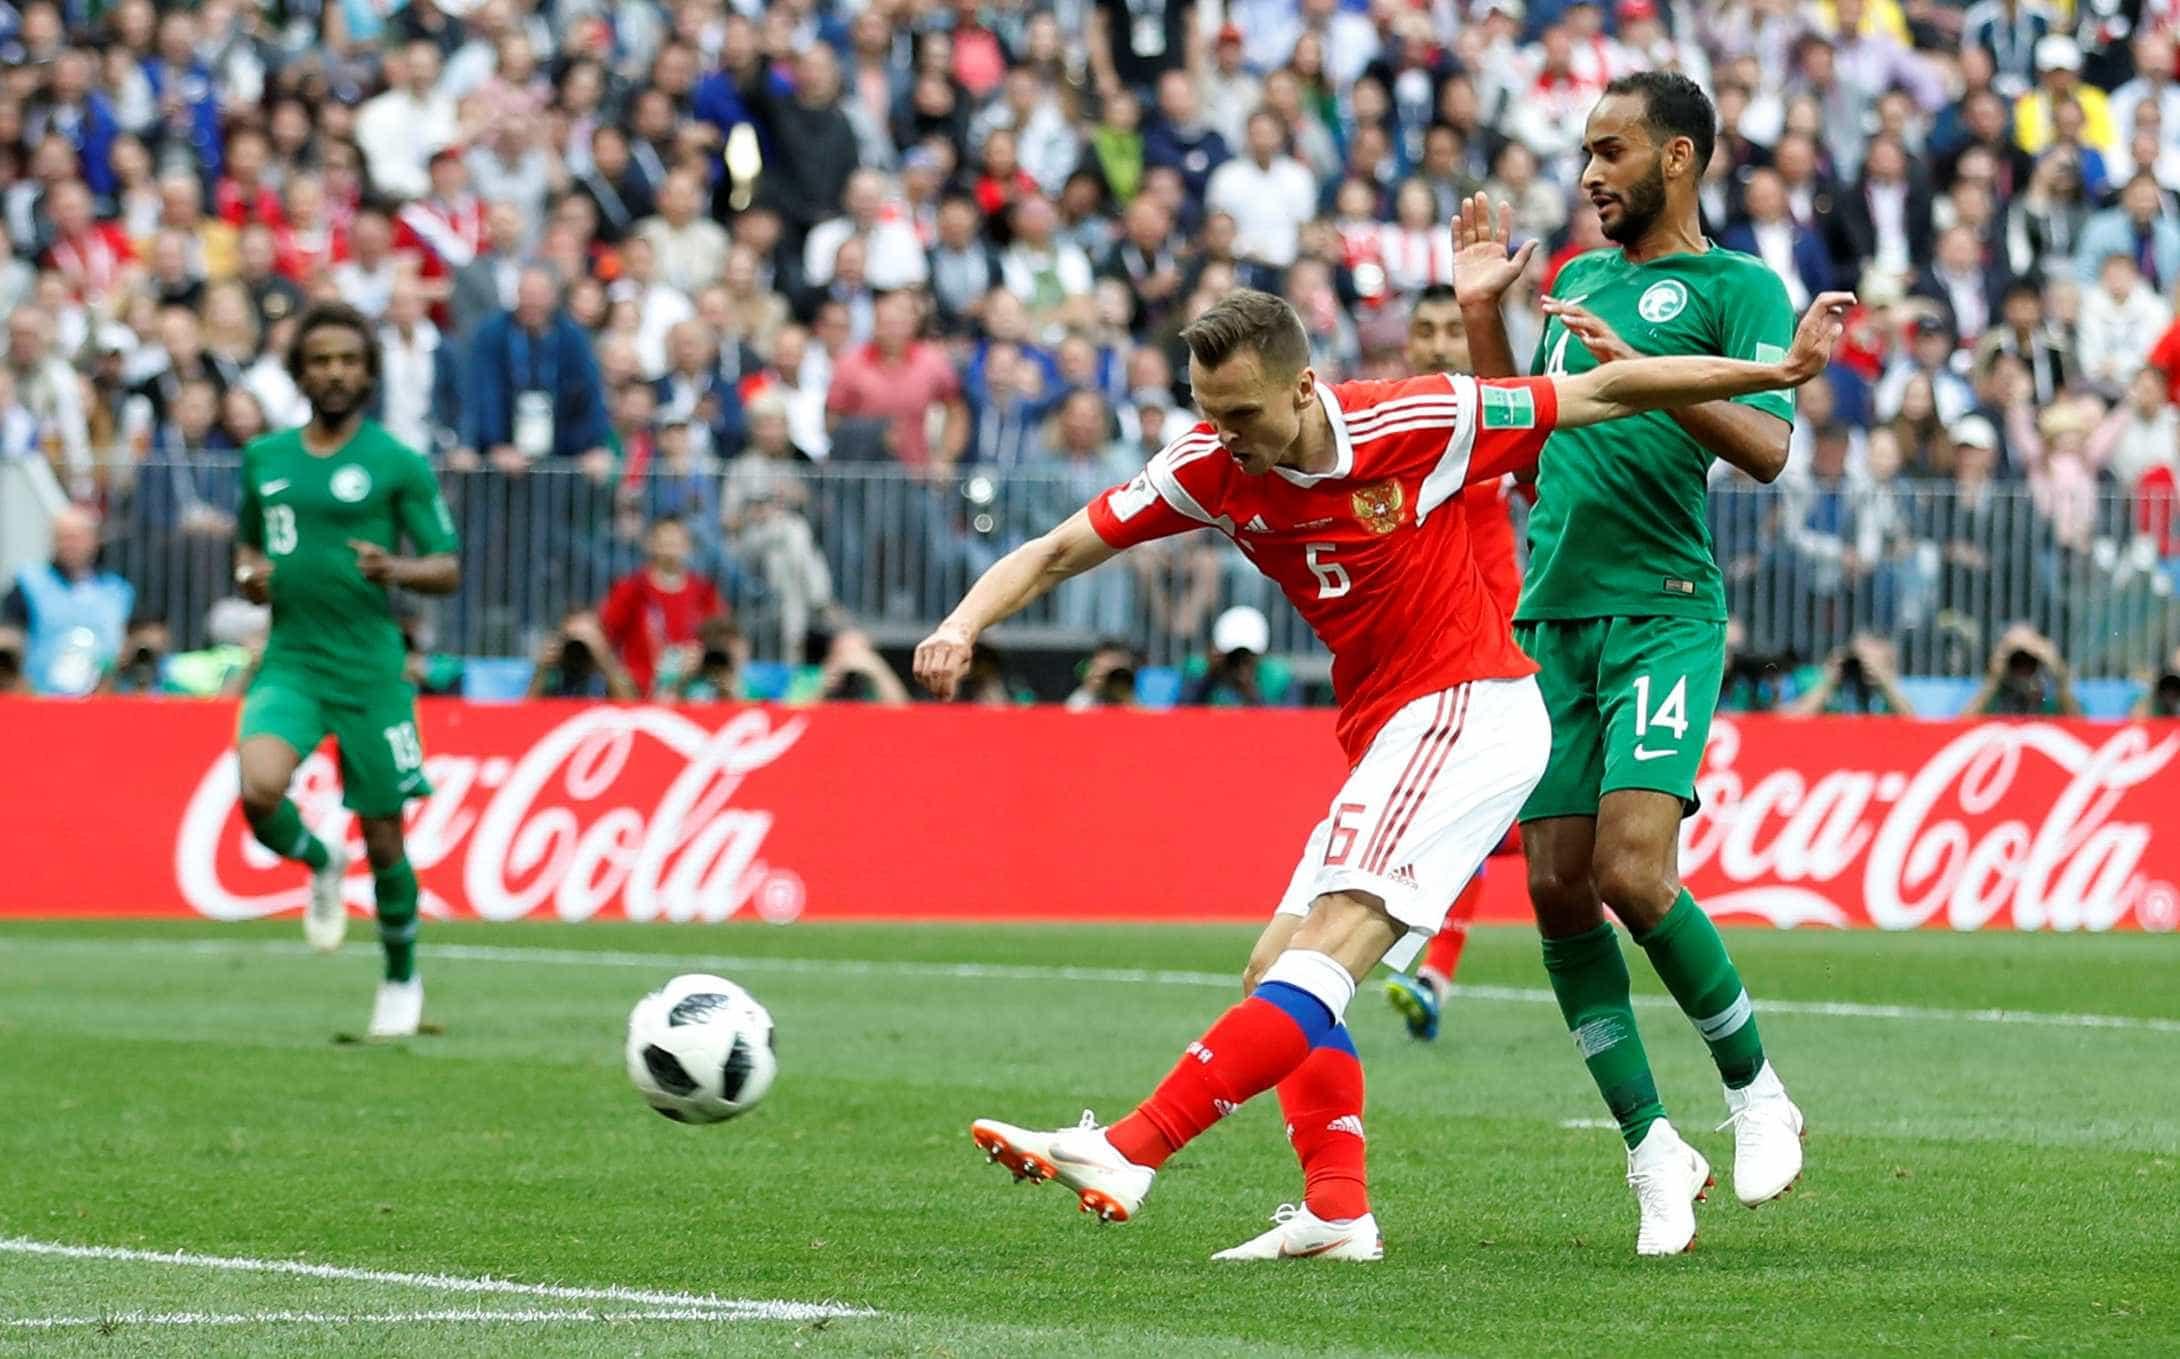 Jogadores sauditas pedem desculpas após goleada na abertura da Copa